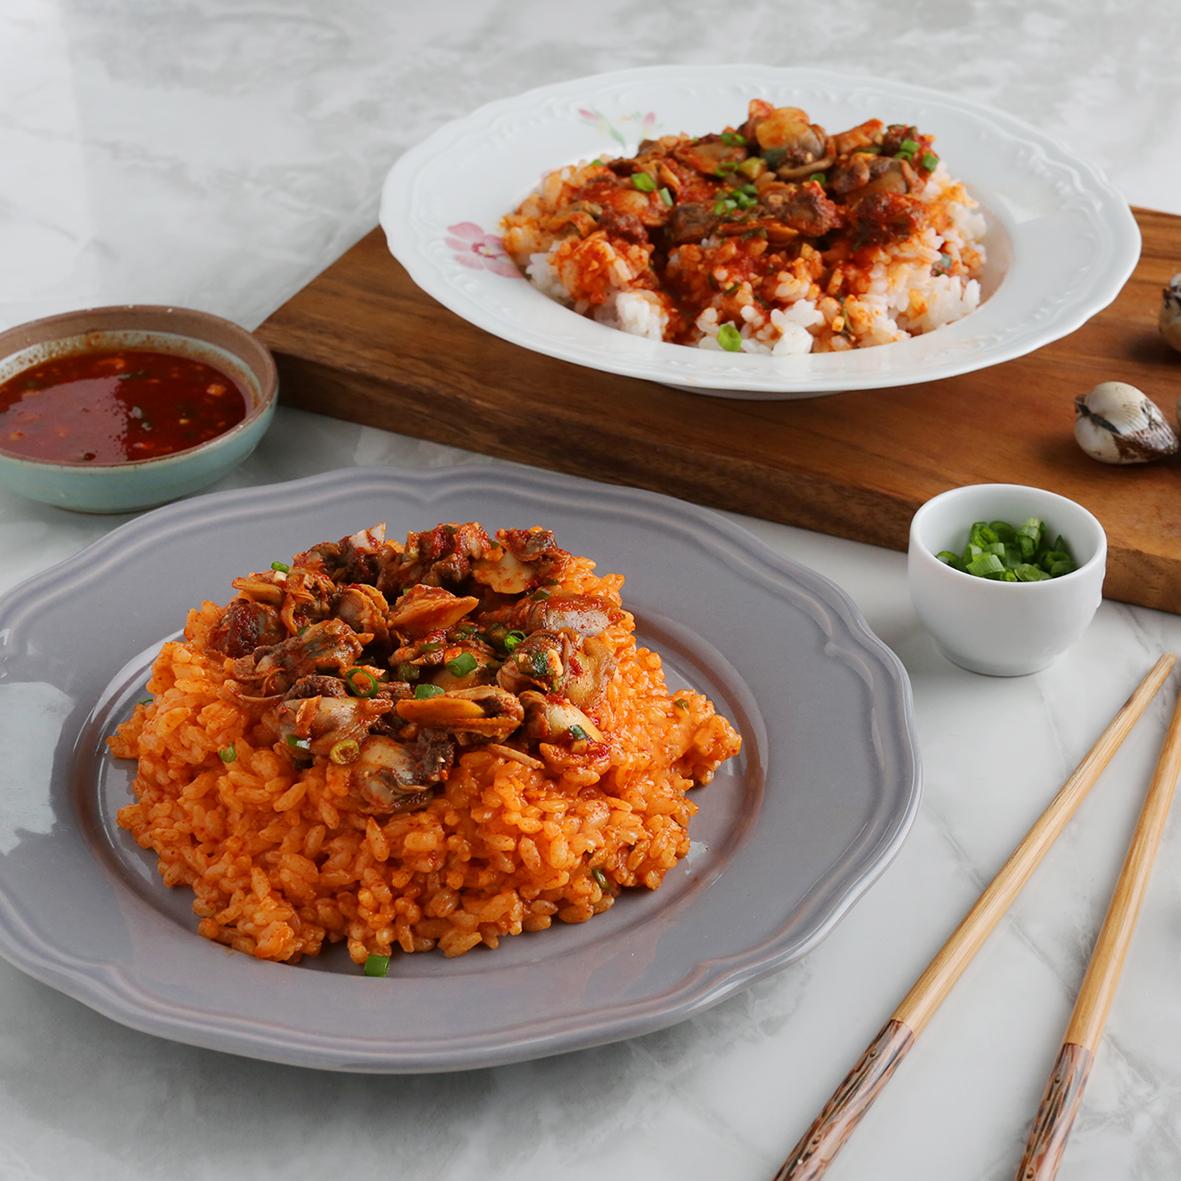 강릉식 꼬막비빔밥